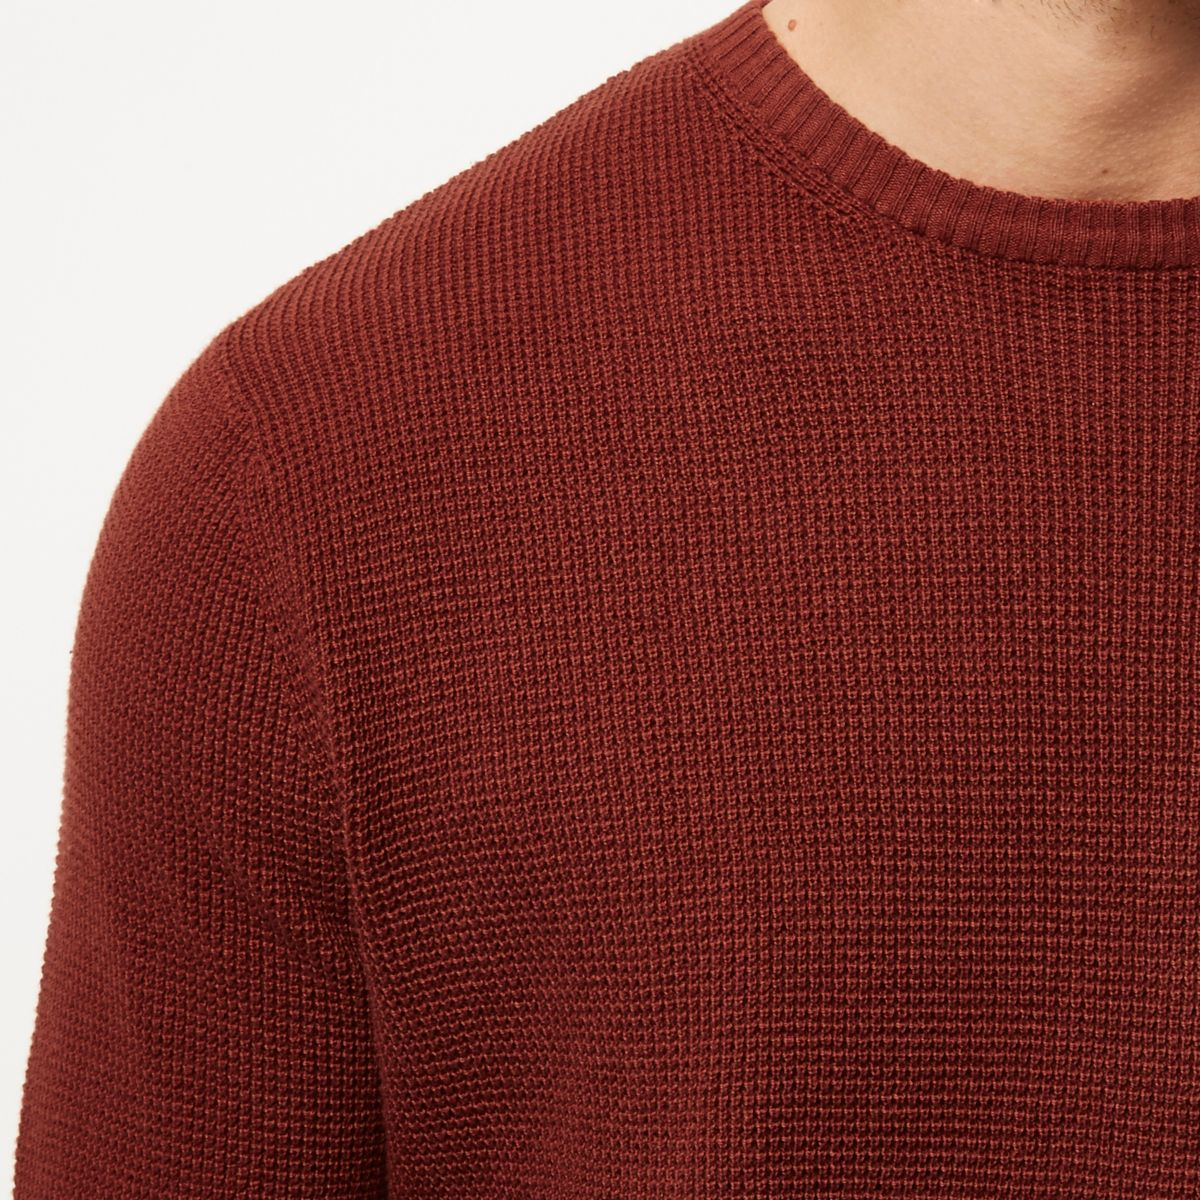 Dark orange textured jumper